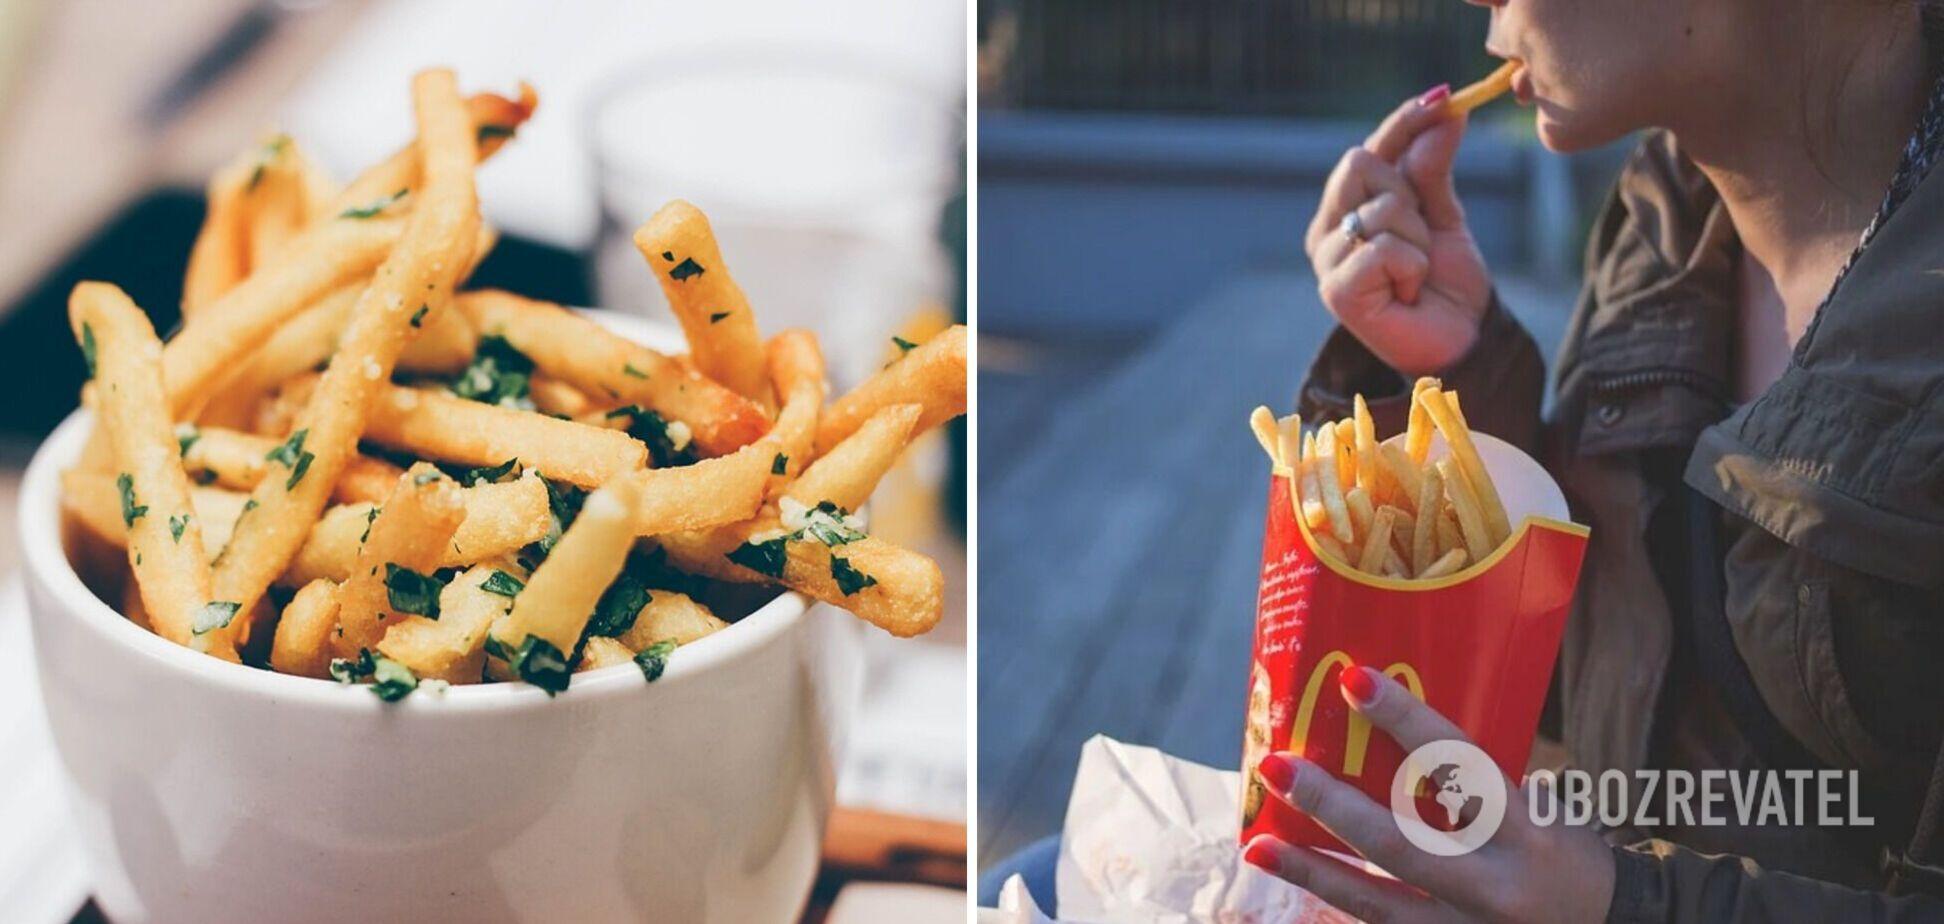 Навіщо заморожувати картоплю фрі: секрет від шеф-кухаря 'МастерШеф'